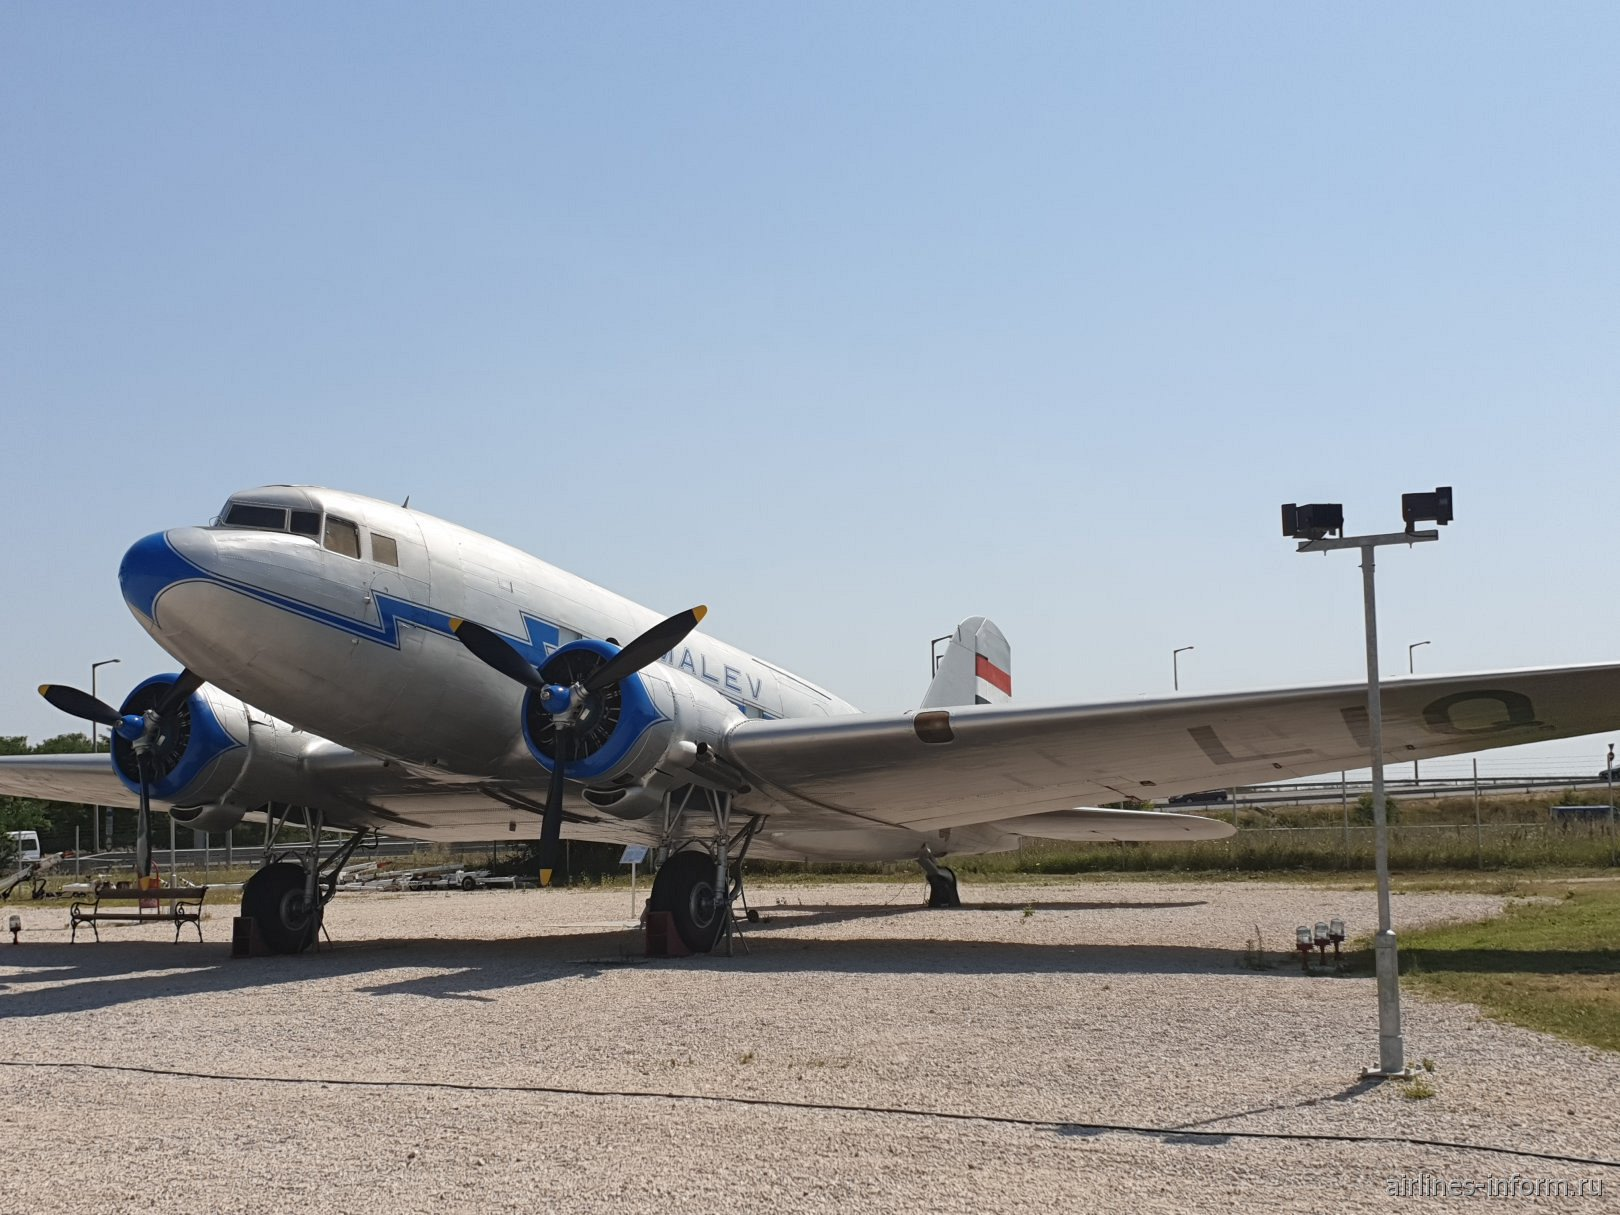 Самолет Ли-2 авиакомпании Malev в авиационном музее в аэропорту Будапешта